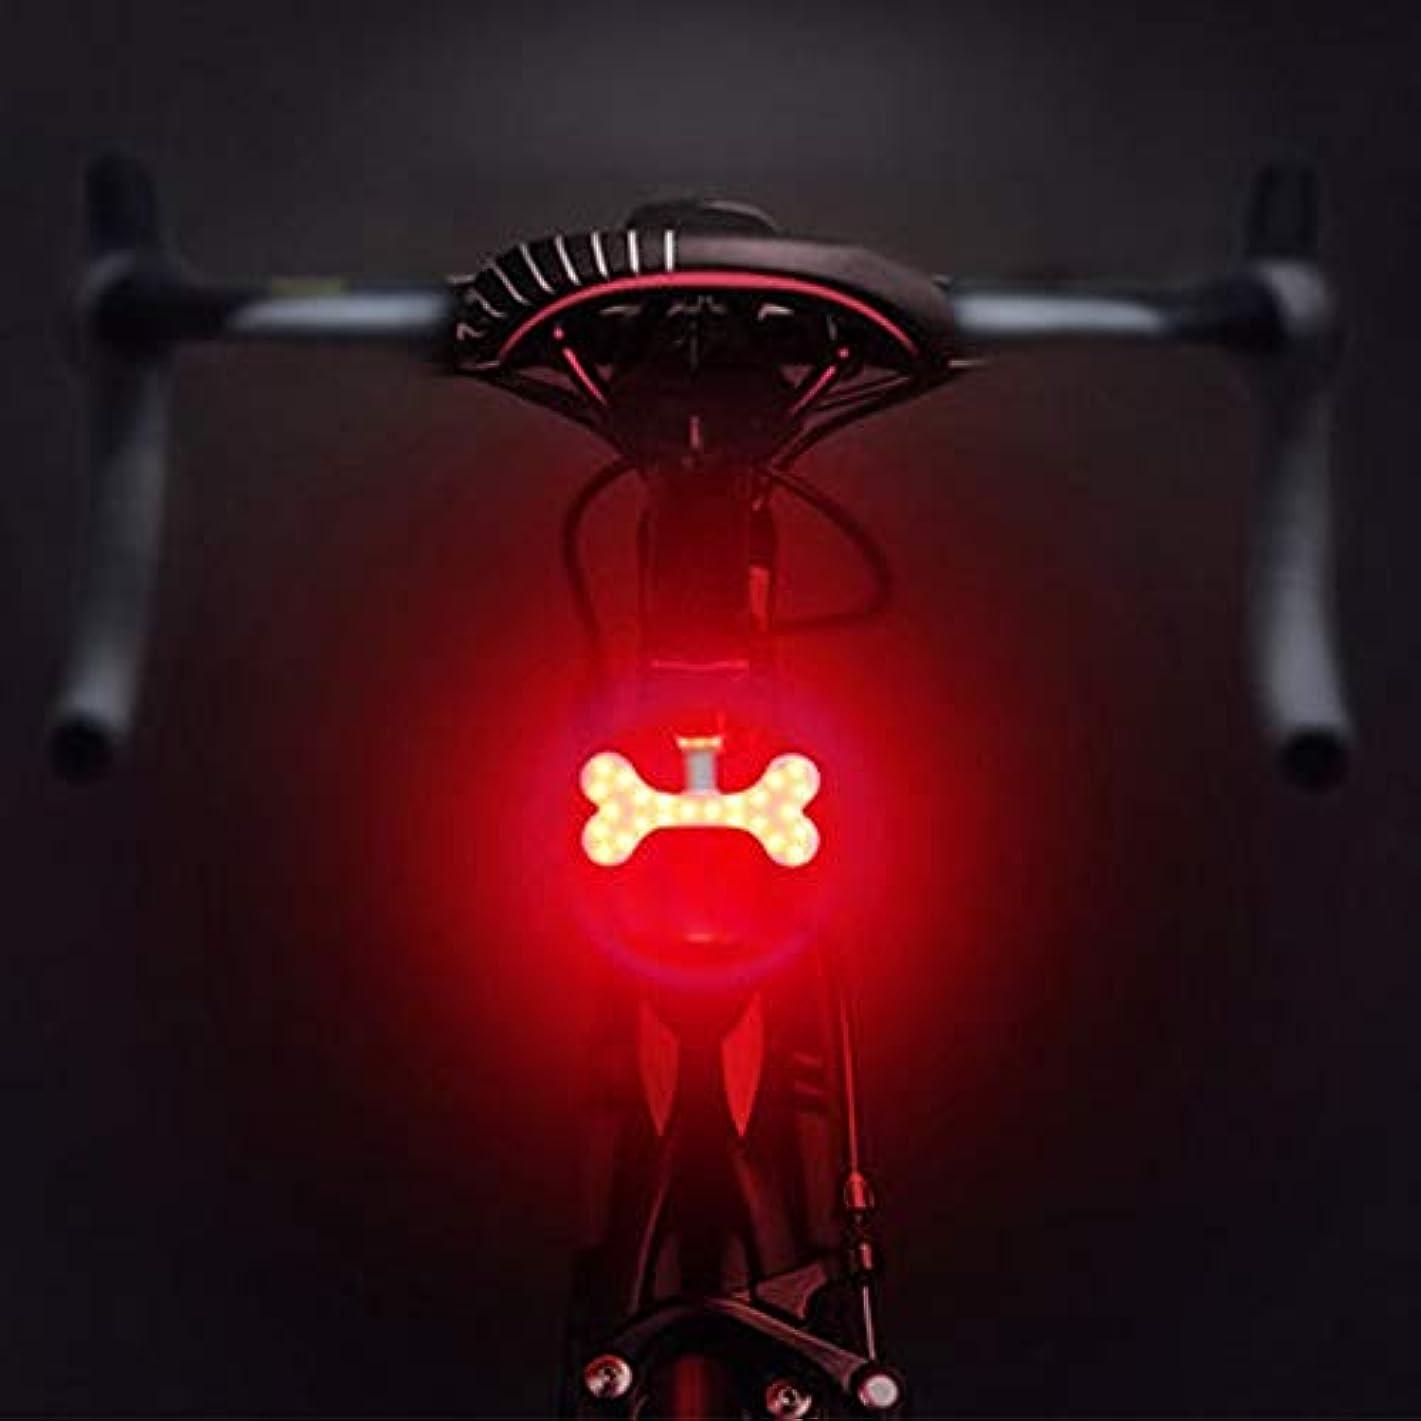 繕うメカニック調整USB充電式自転車ライト 自転車用リアライト、5つのライトモード自転車用テールライト、USB充電式自転車用ライトフック&ループストラップ付き防水自転車用ライトあらゆるバイク/ヘルメット、レッド&ブルーライトにフィット (Color : Pattern-02)